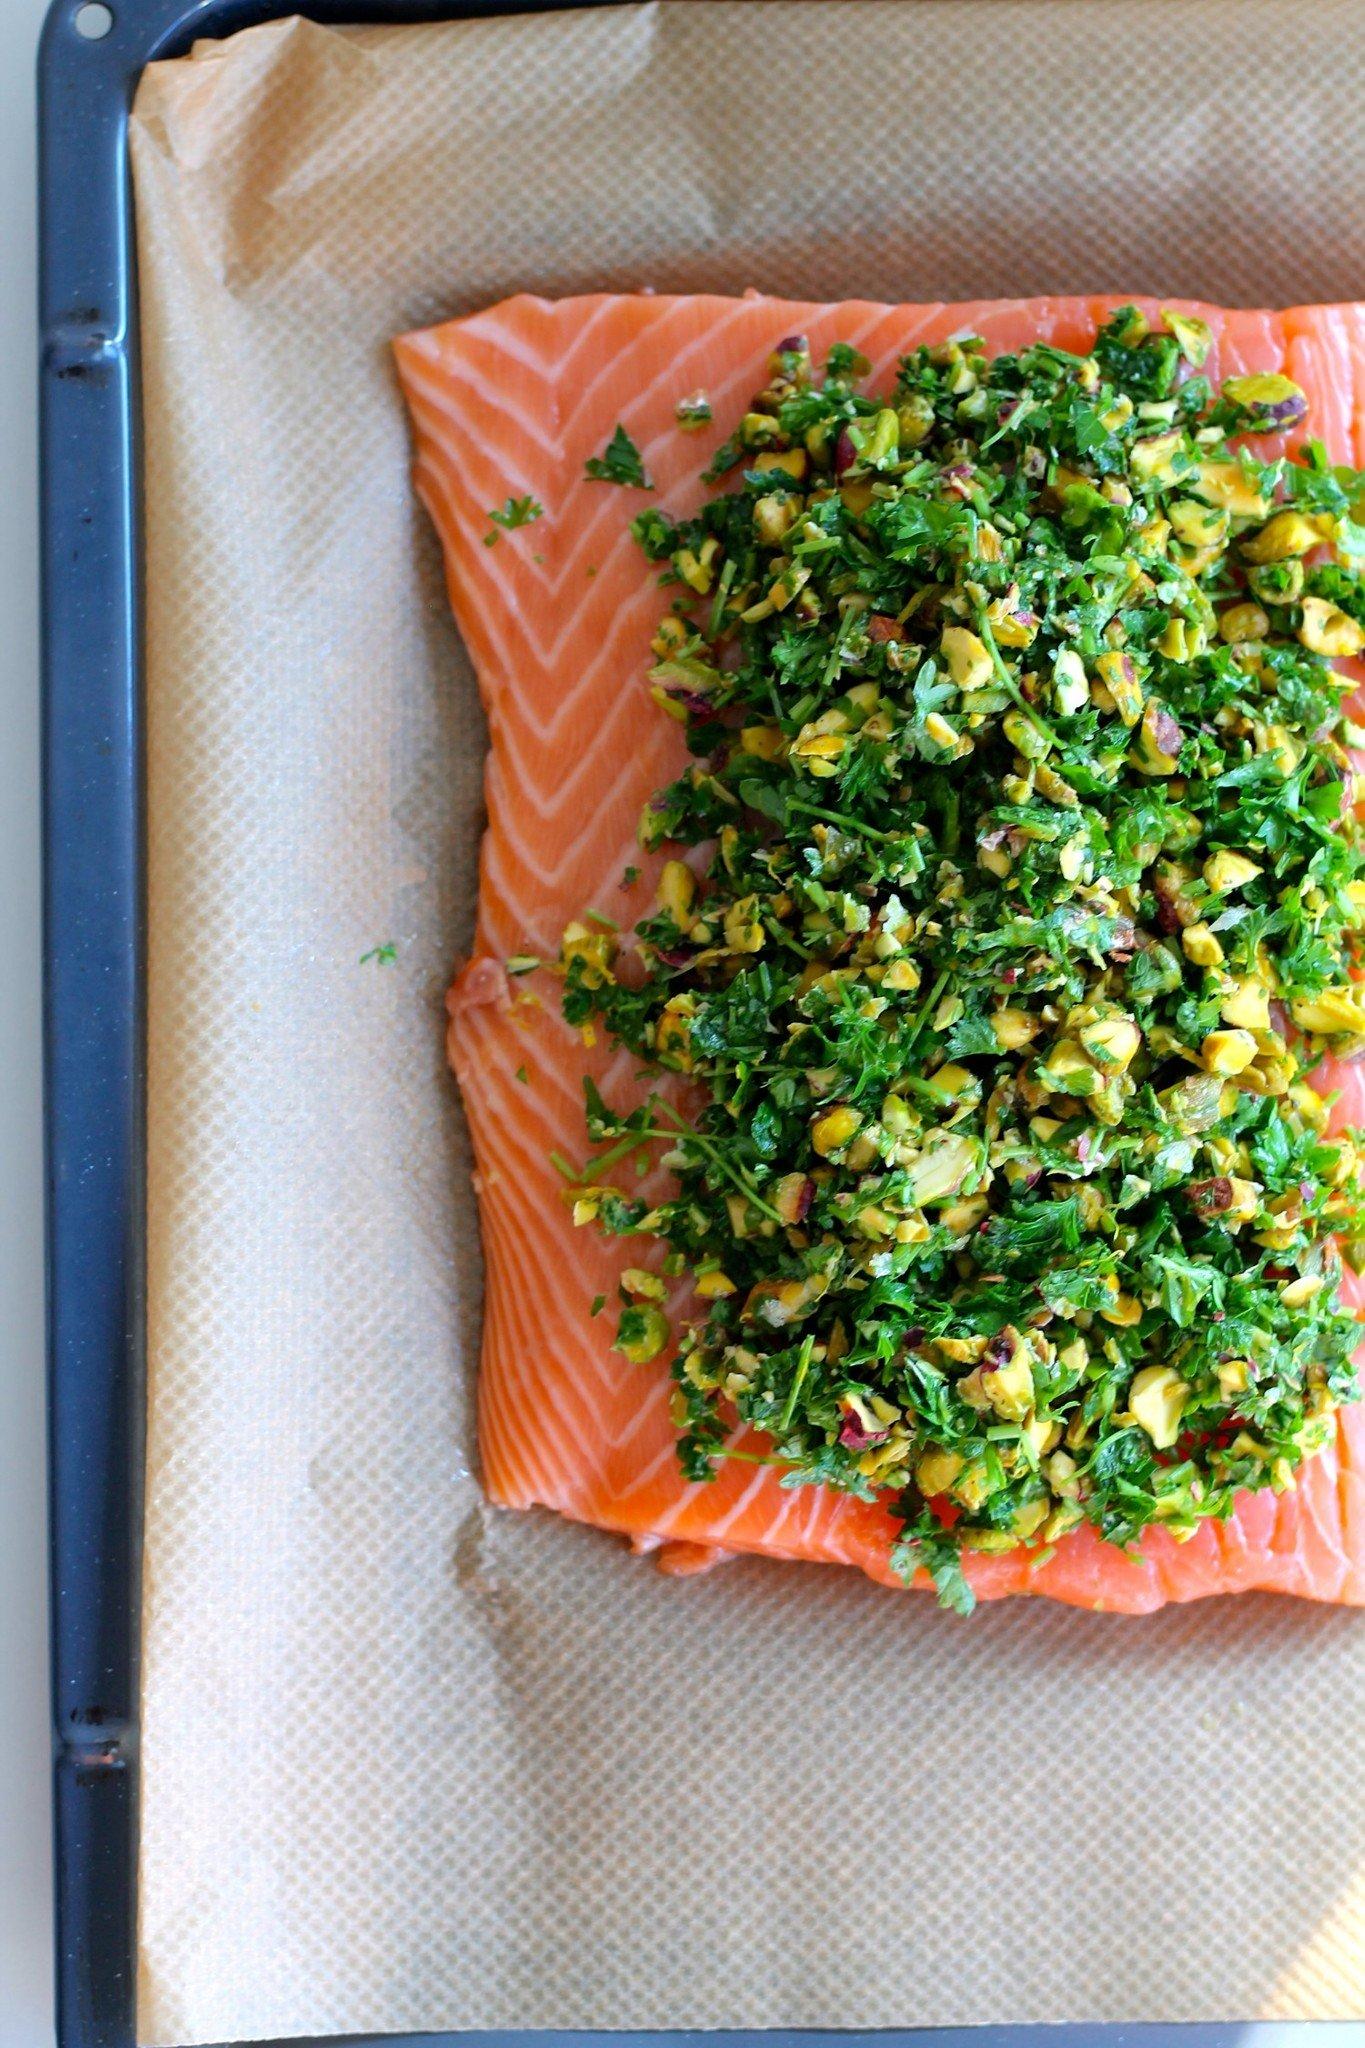 Ovnbagt laks med krydderurter og pistacienødder